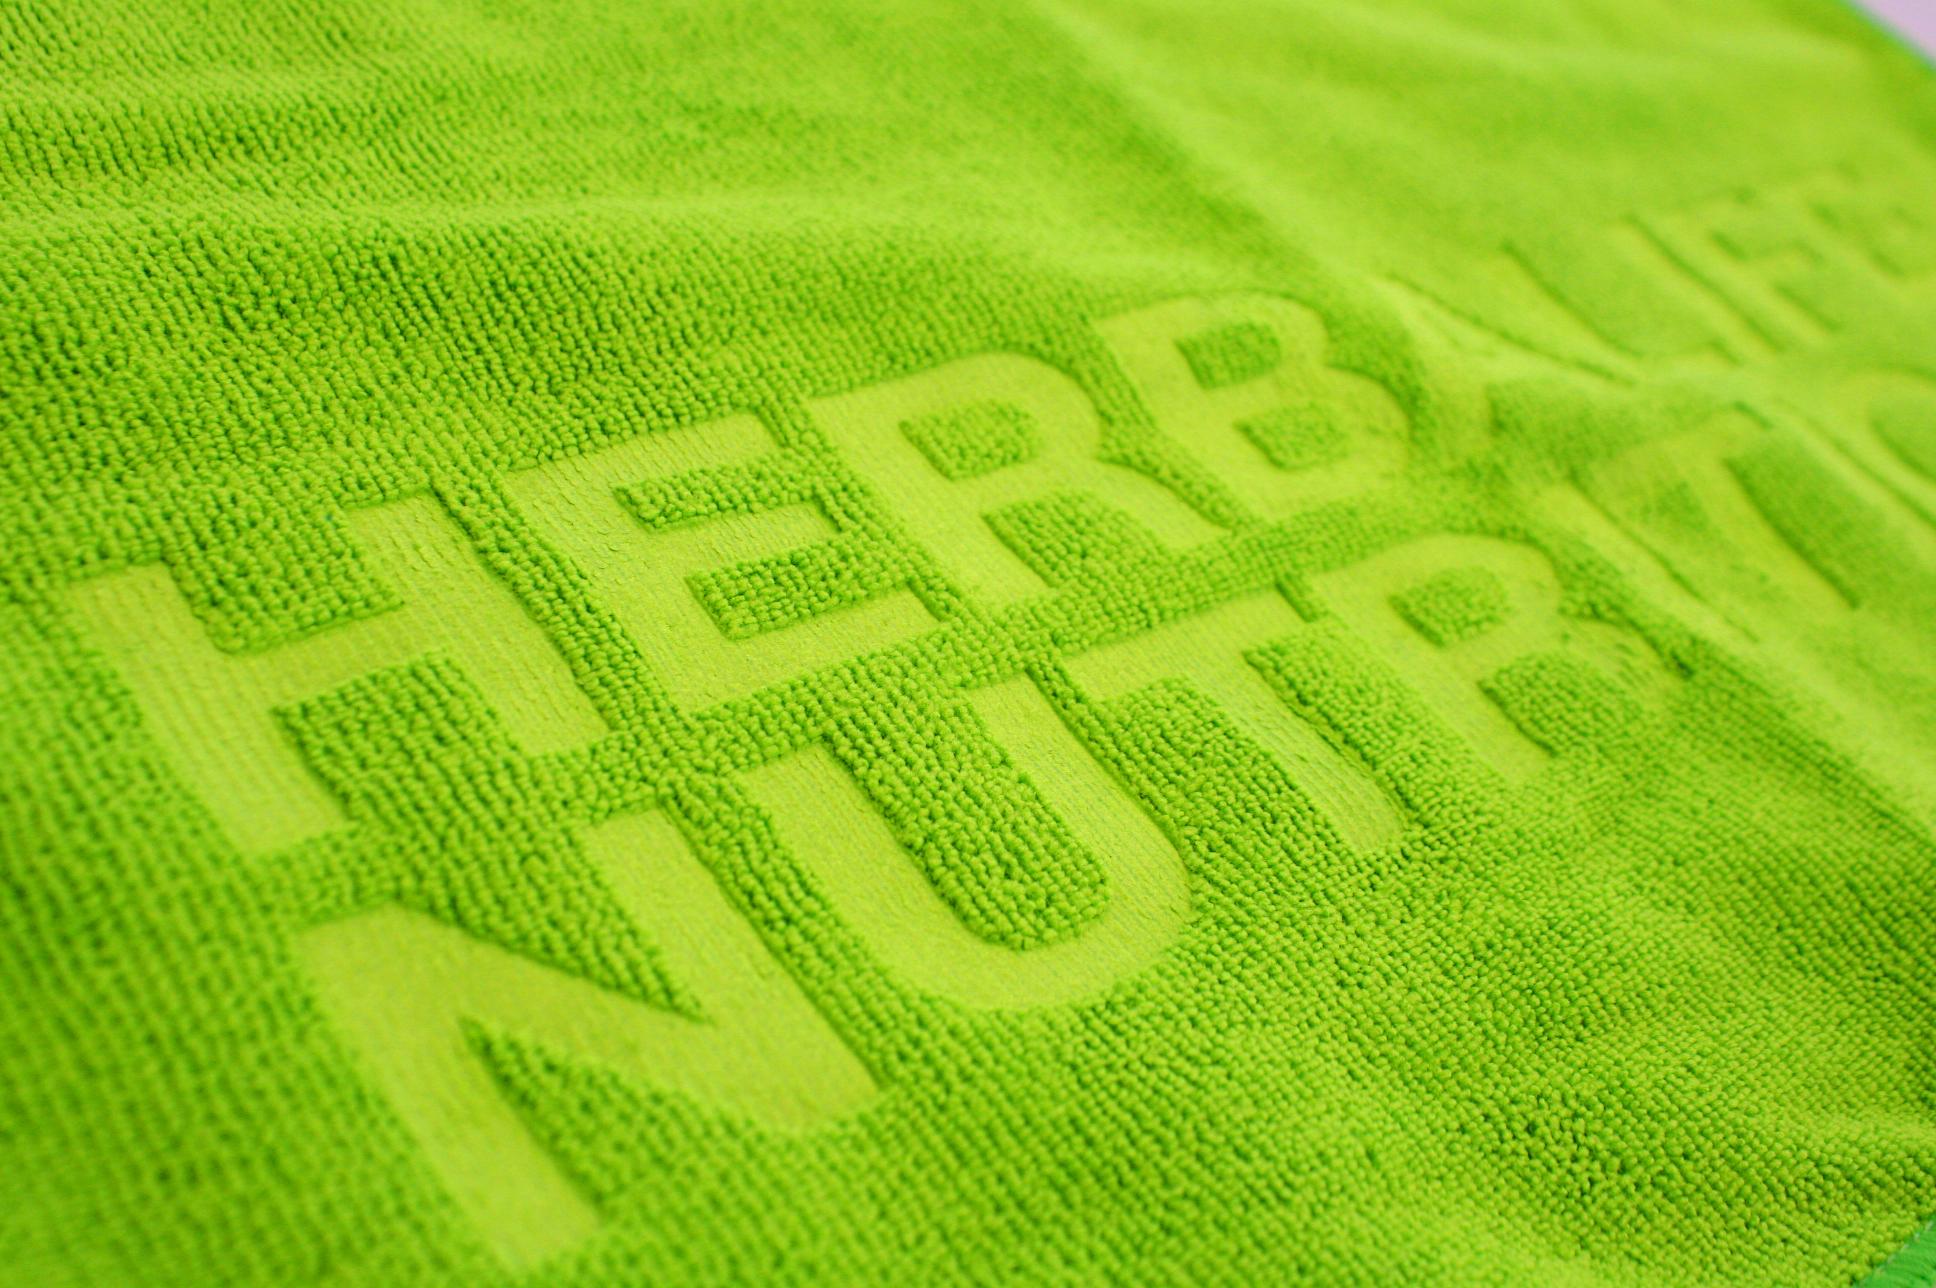 Herbalife_Nutrition_Microfiber Handdoek NoName